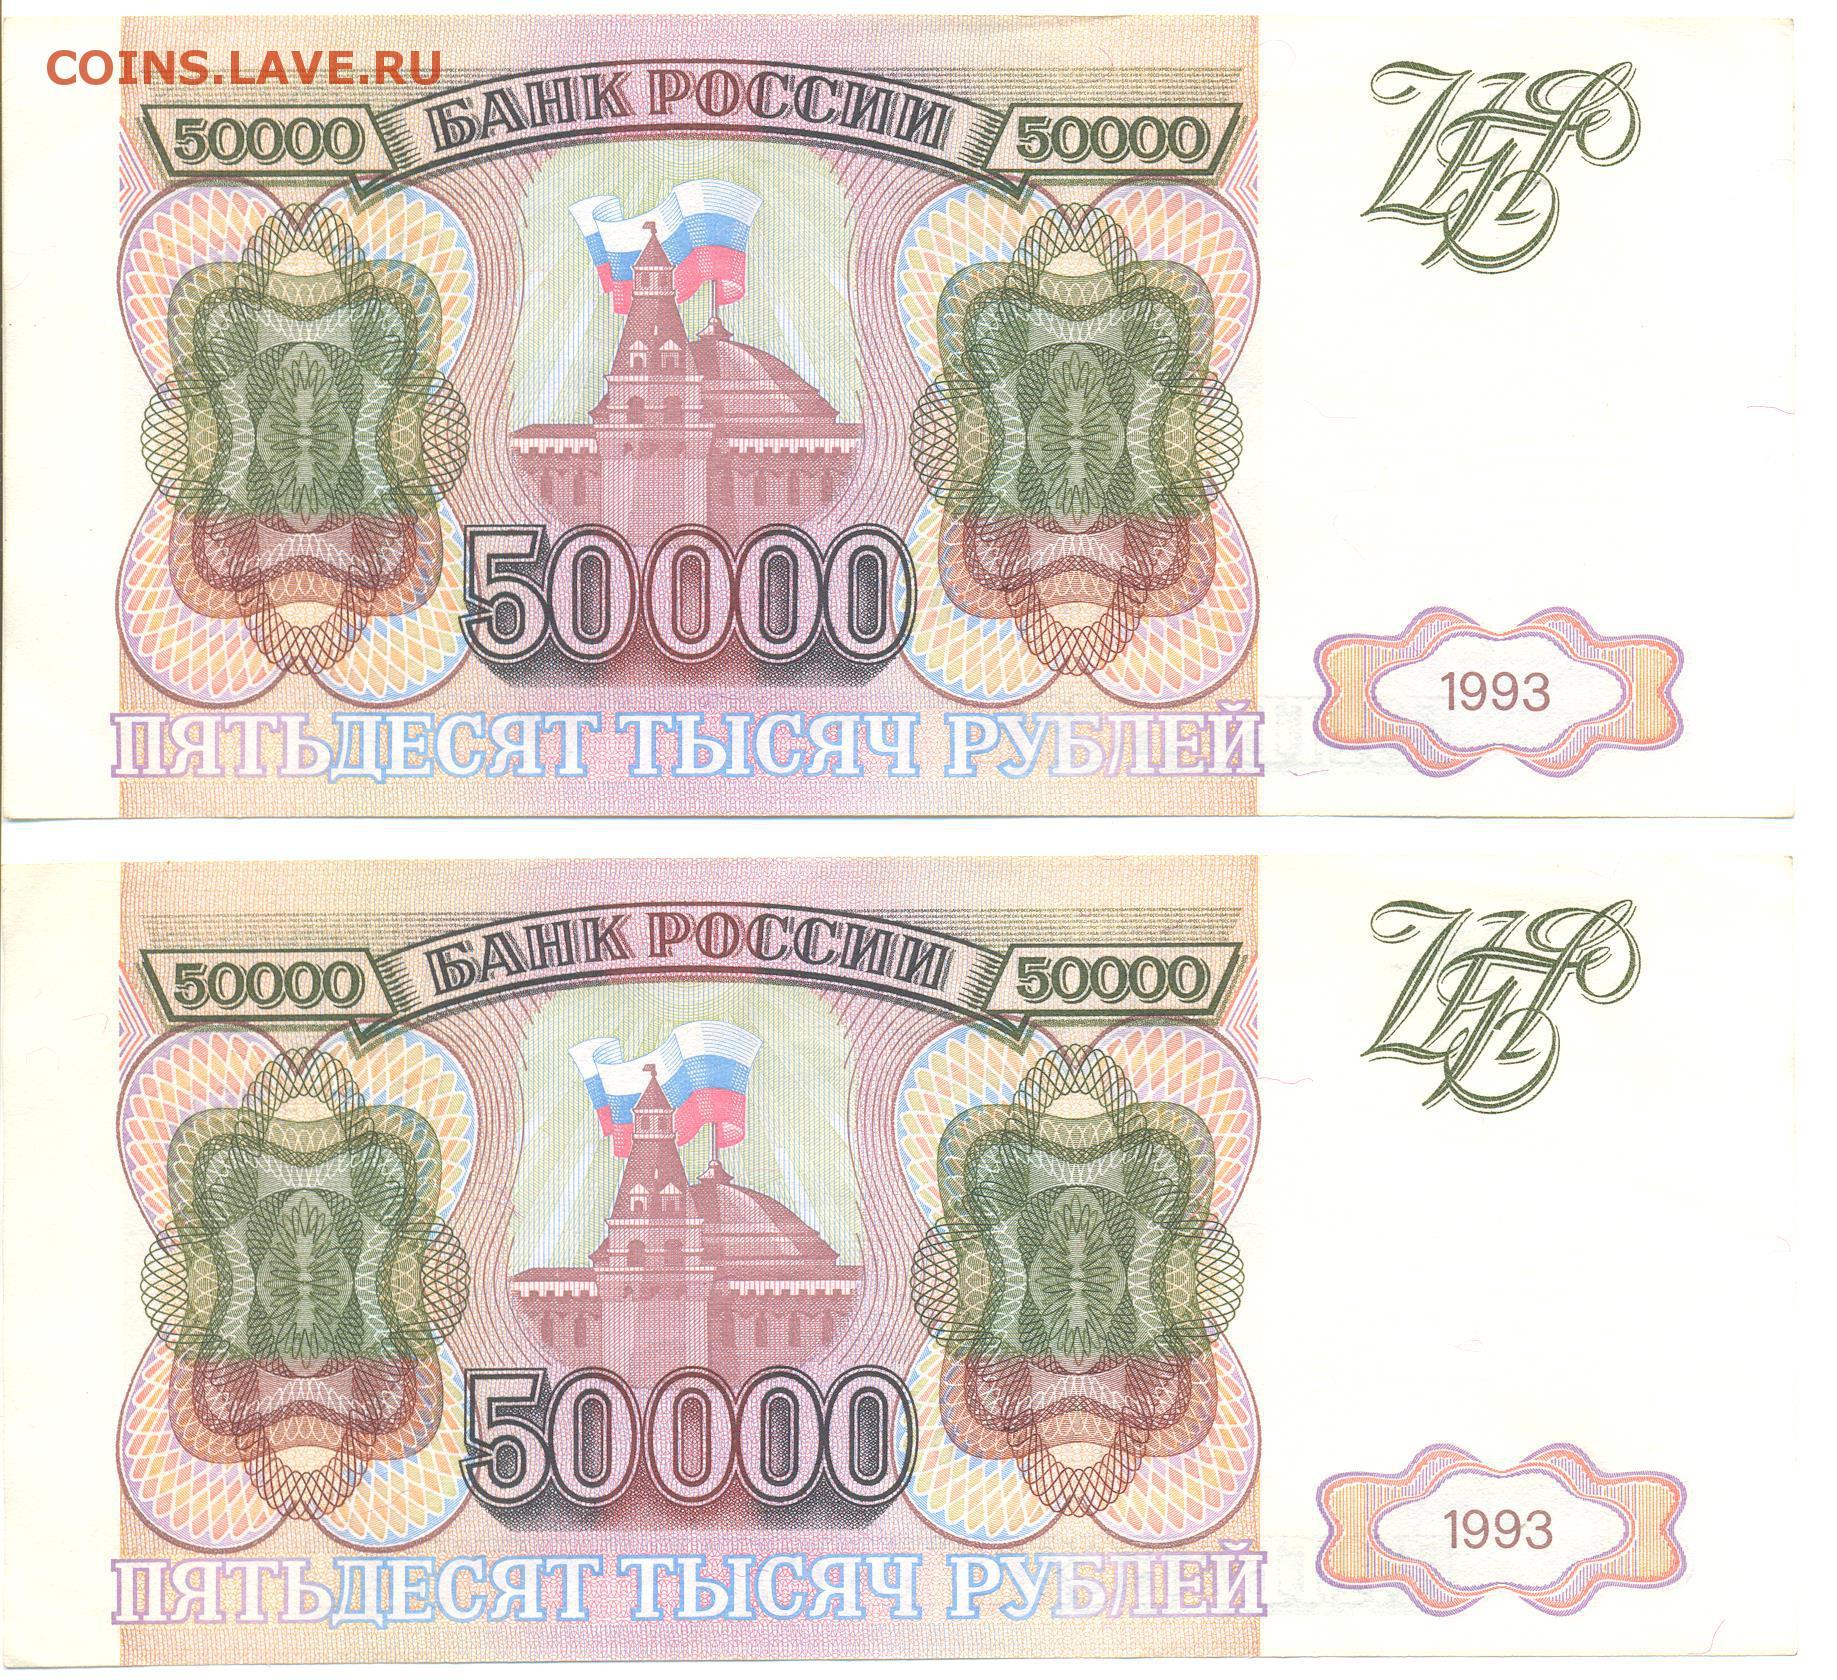 правильно стирать кредит в сбербанке на 50000 рублей поэтому